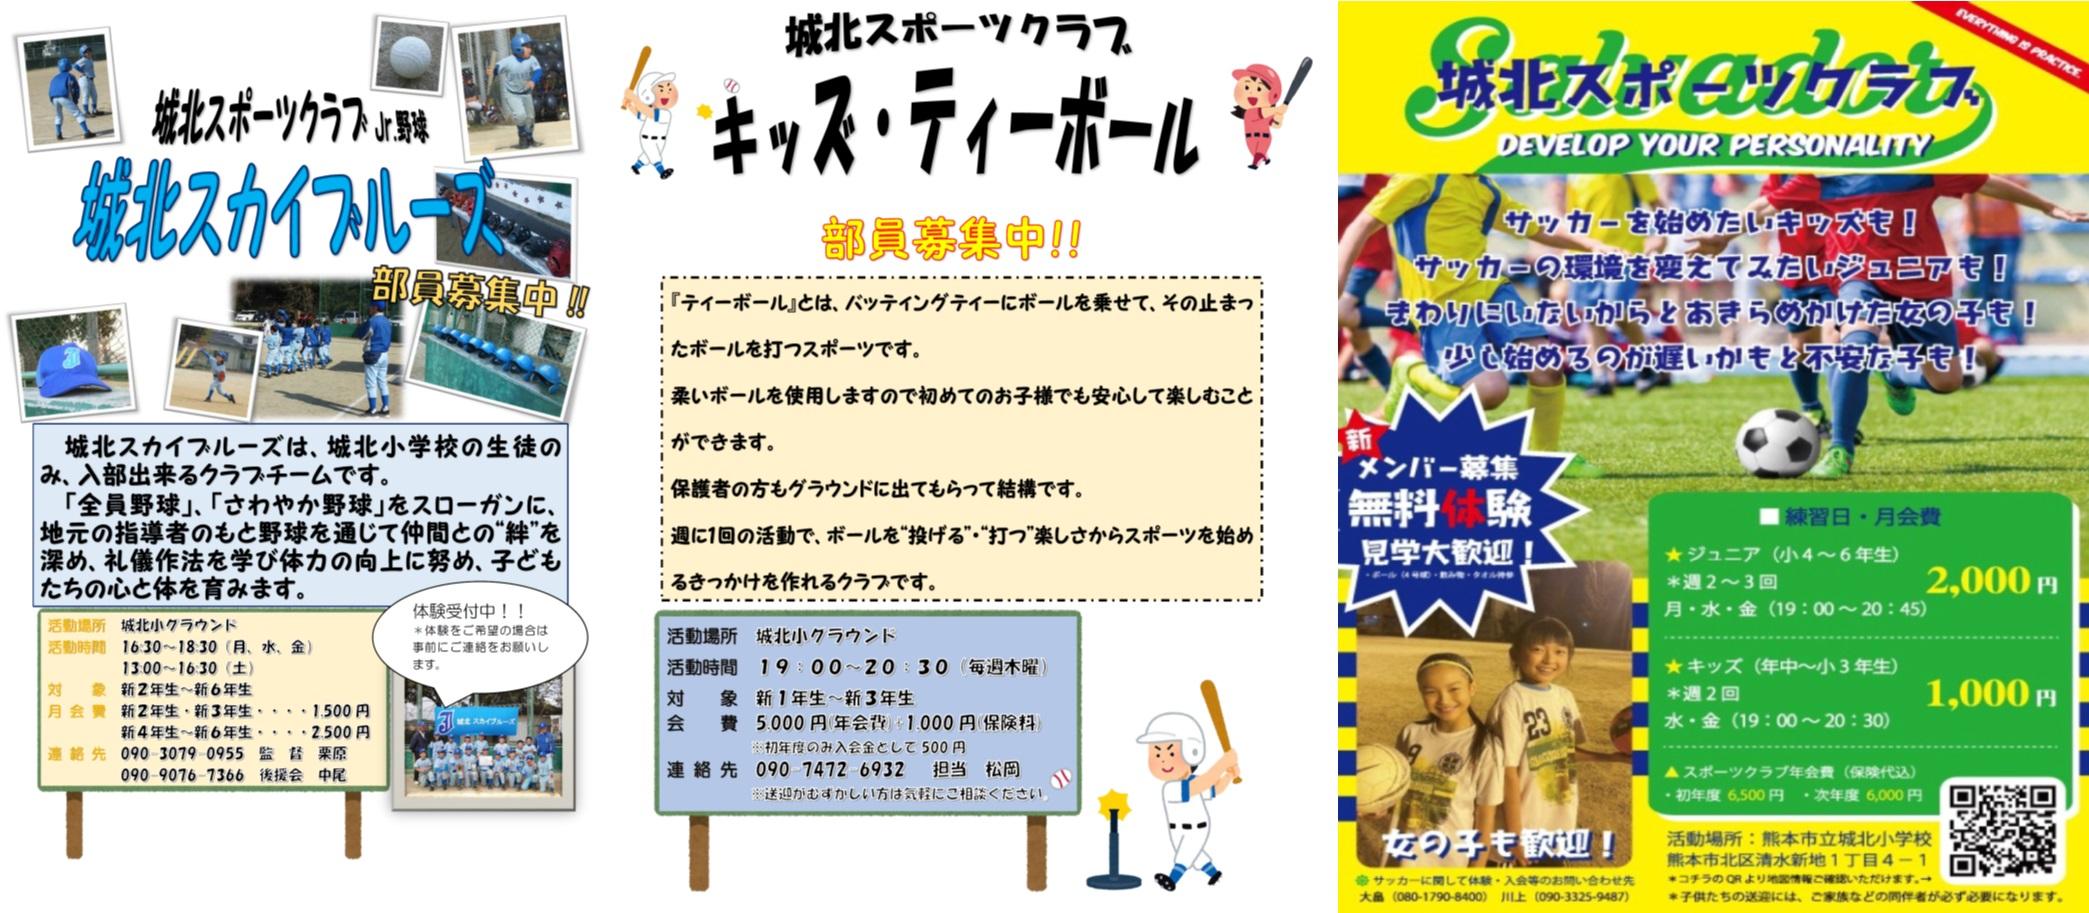 城北スポーツ チラシ(1)